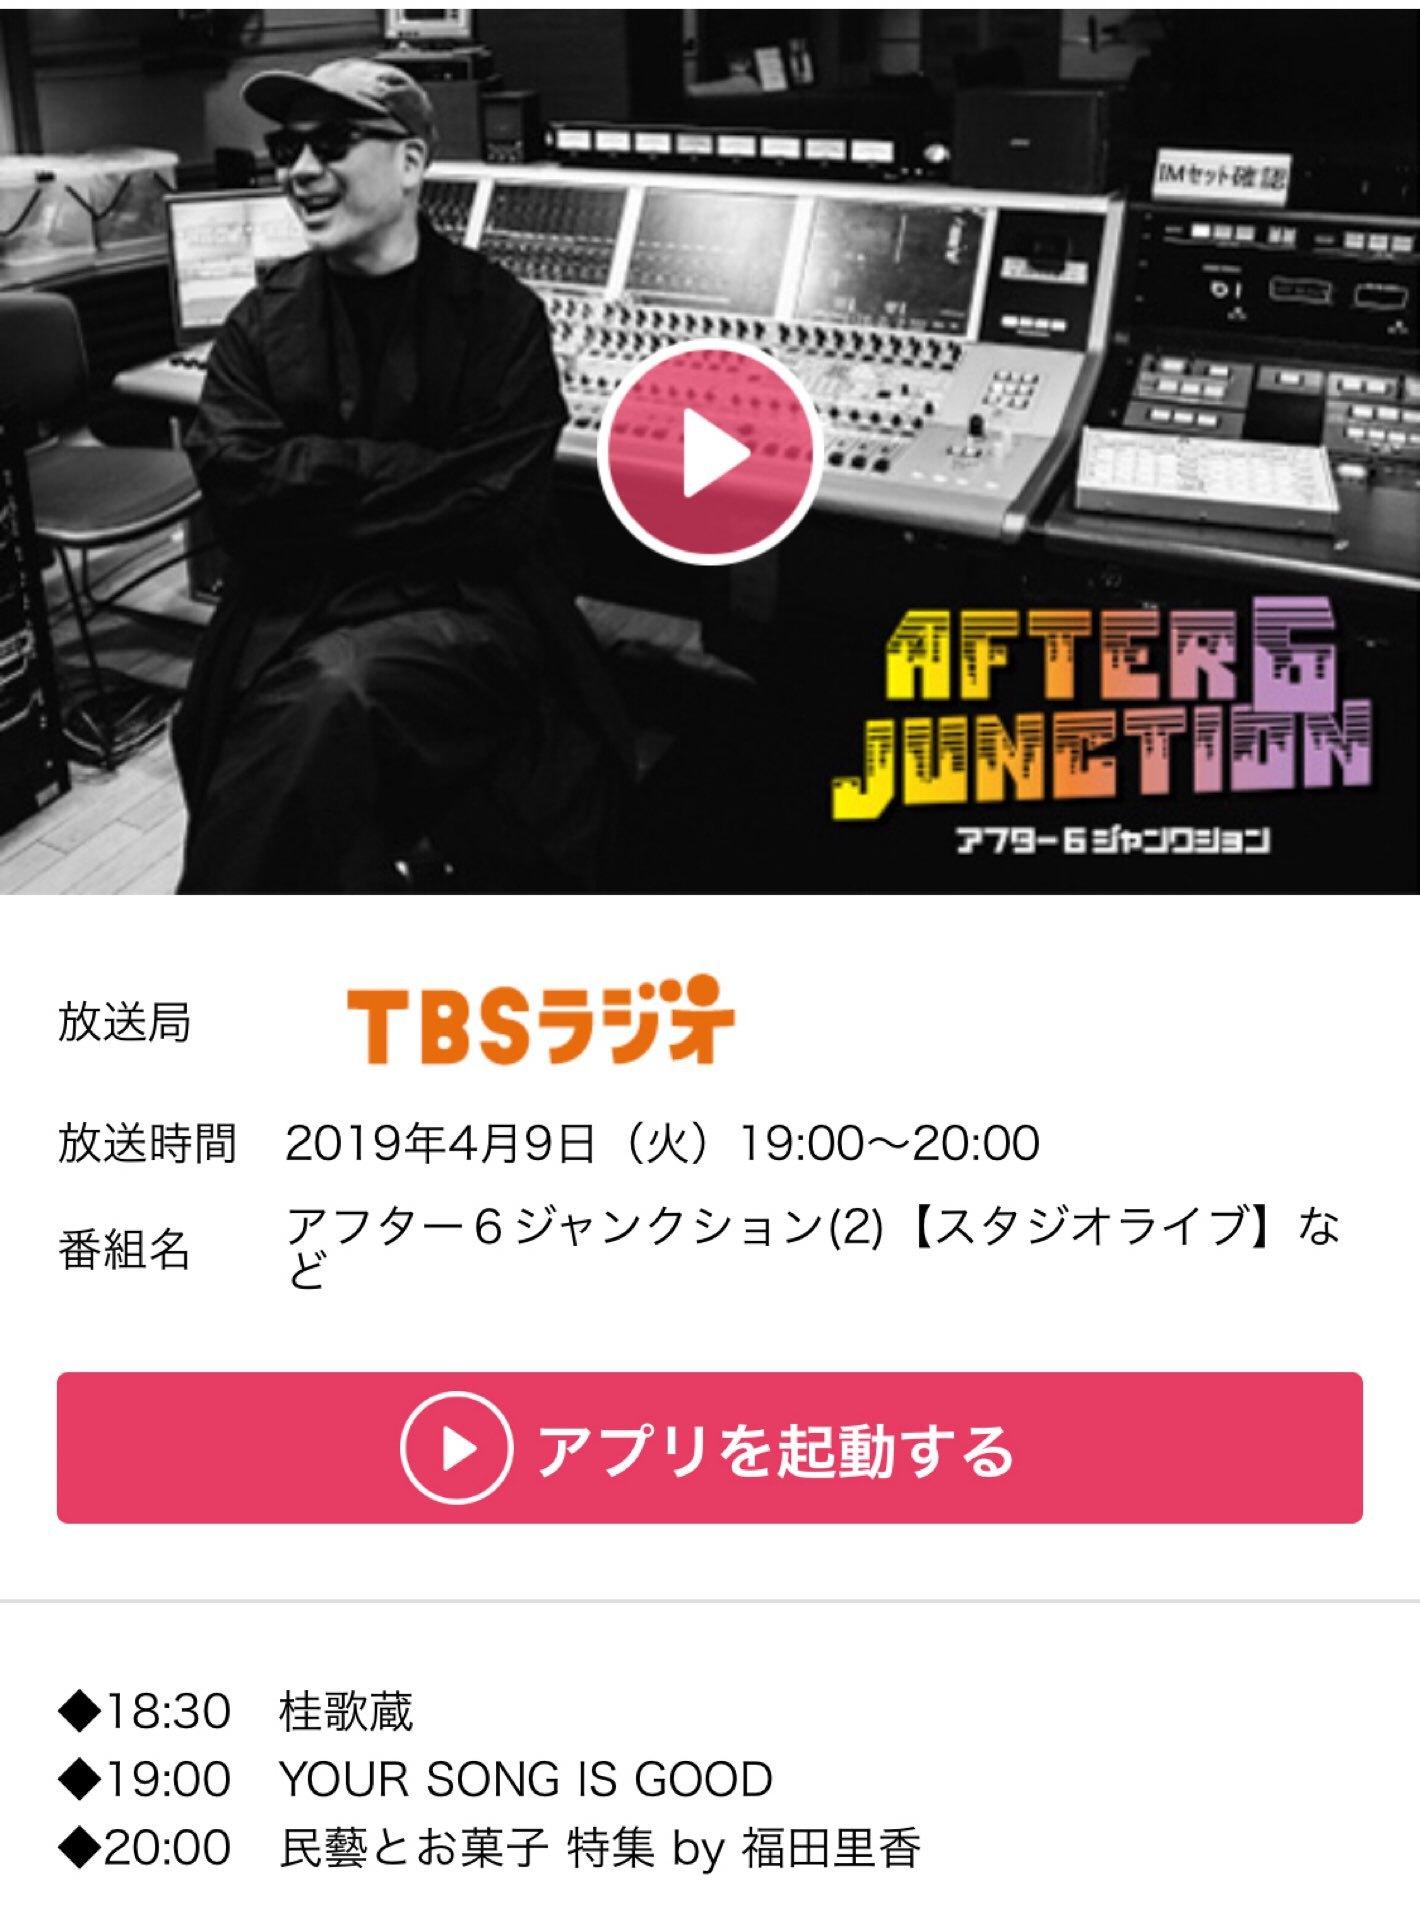 4/9ユアソン アトロクスタジオライブが聴けます_e0230090_16444162.jpeg